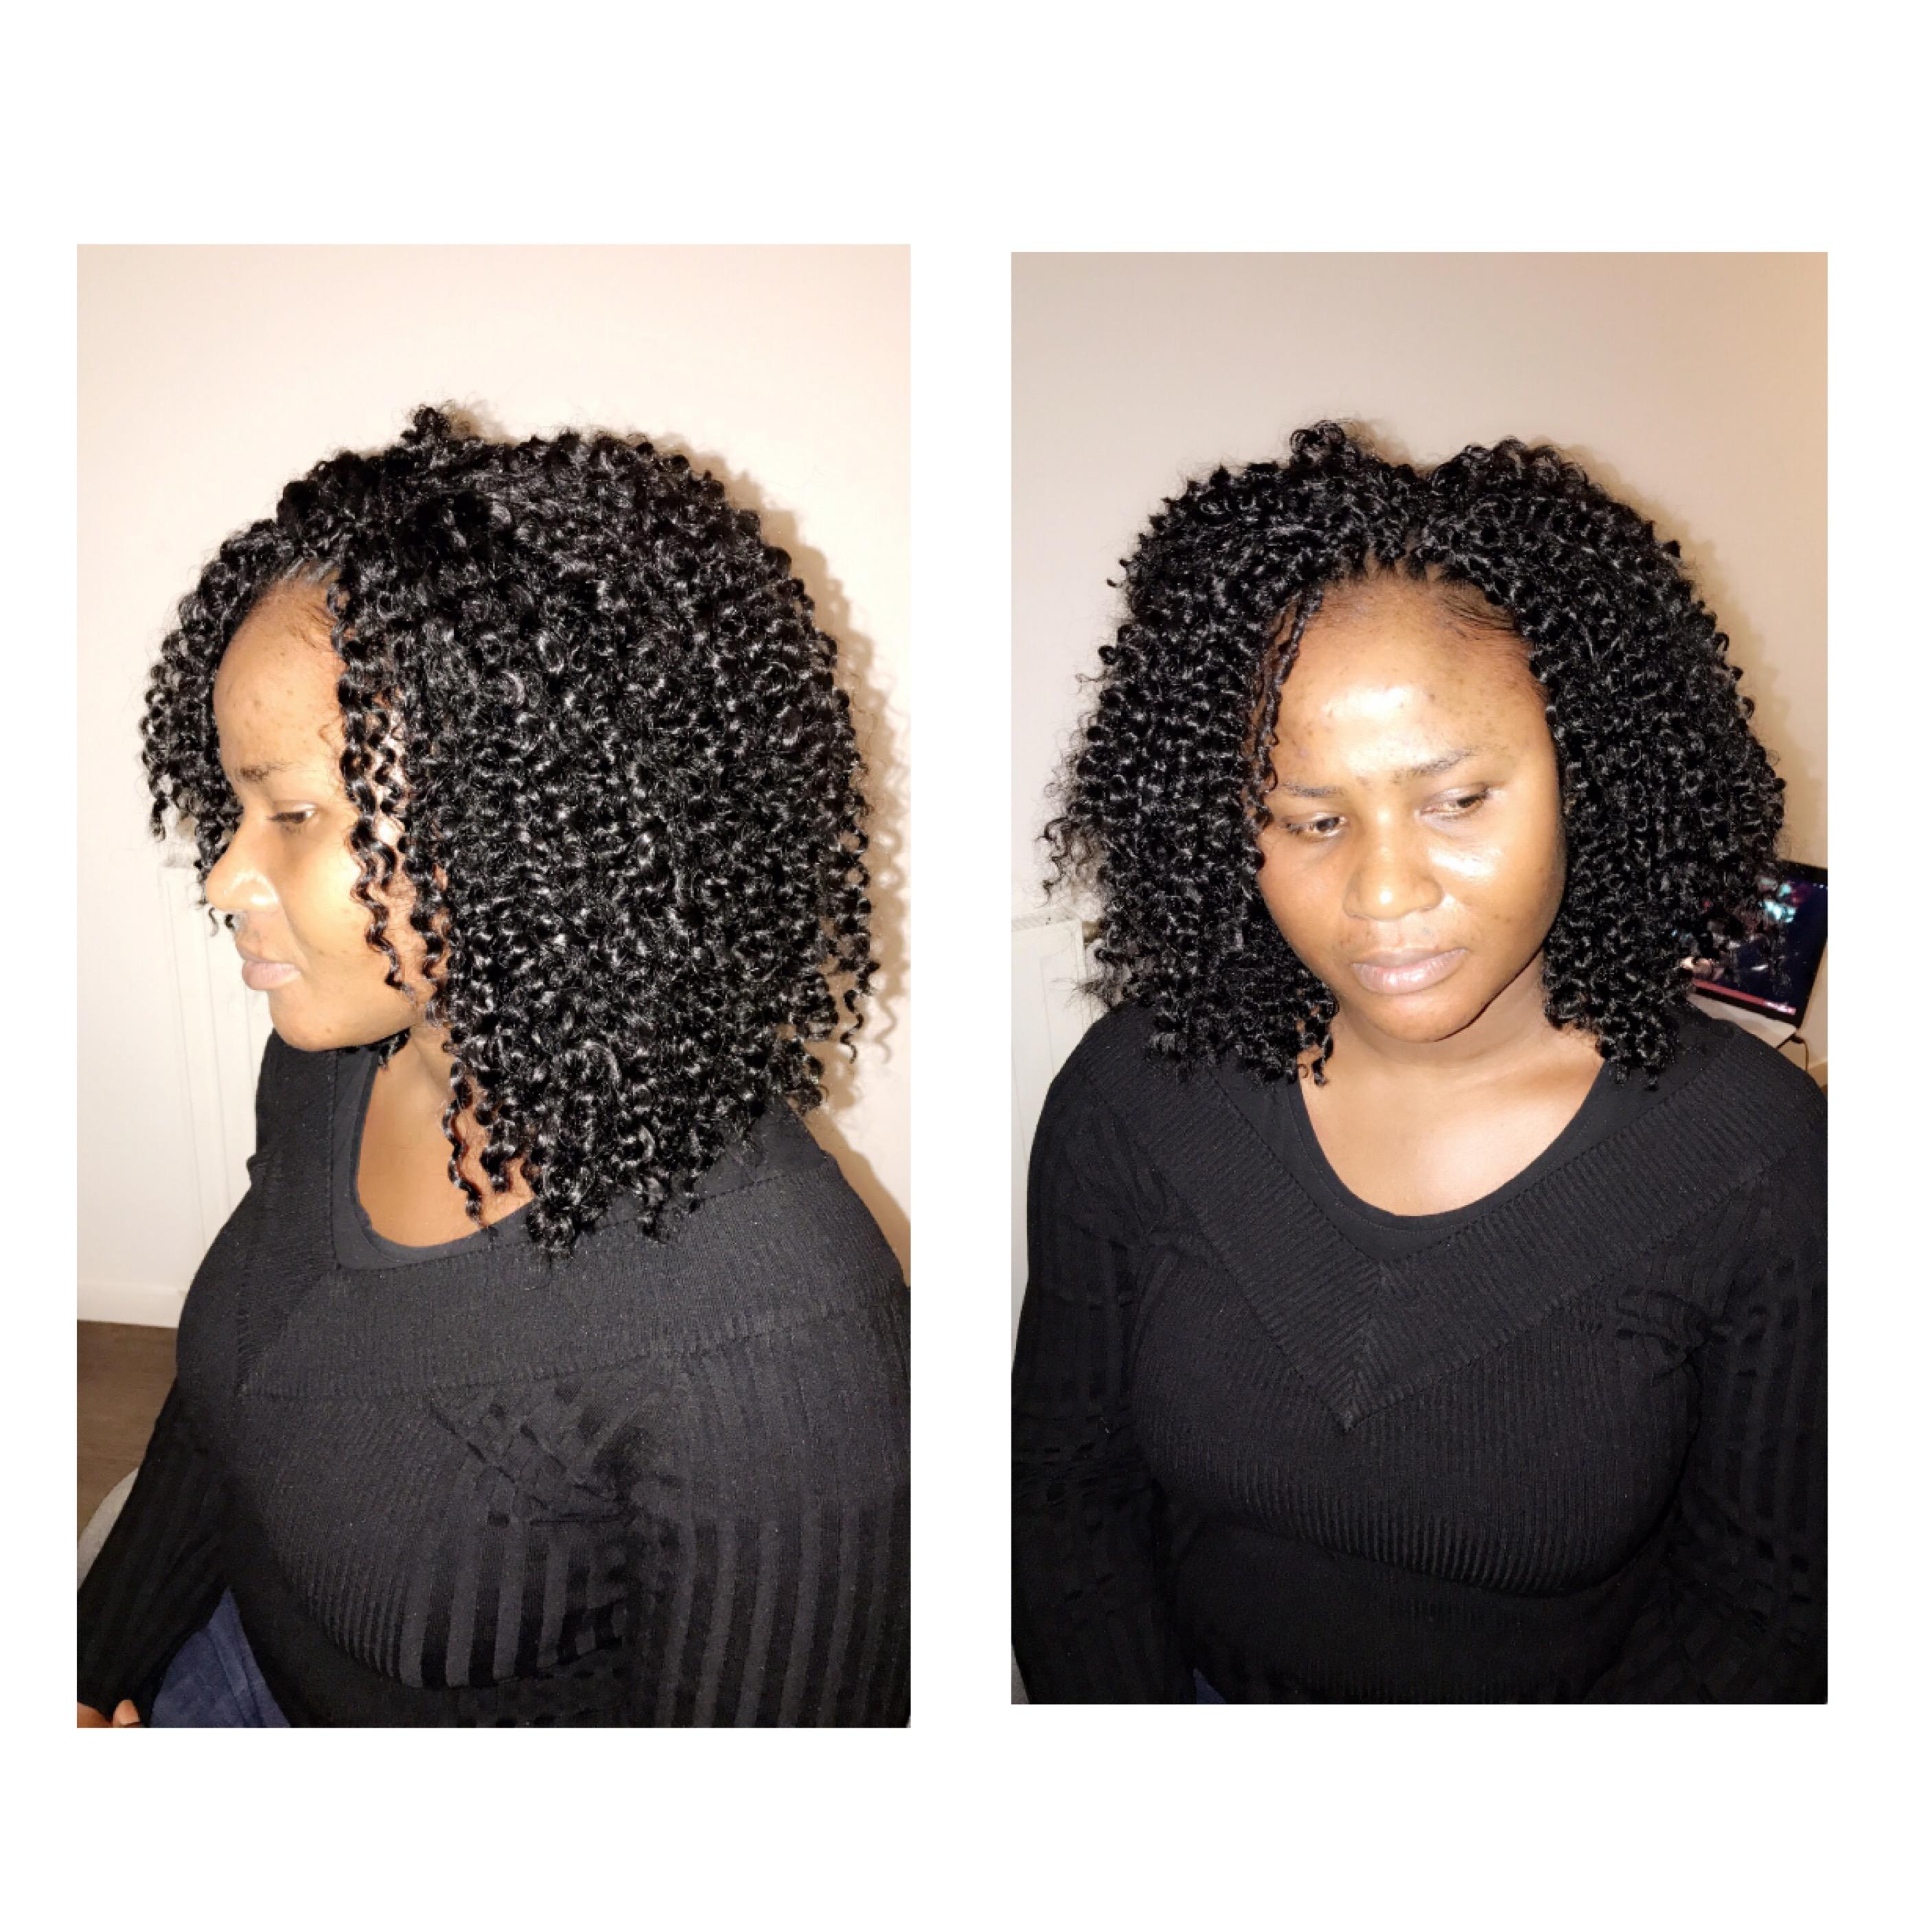 salon de coiffure afro tresse tresses box braids crochet braids vanilles tissages paris 75 77 78 91 92 93 94 95 VDAFACCP